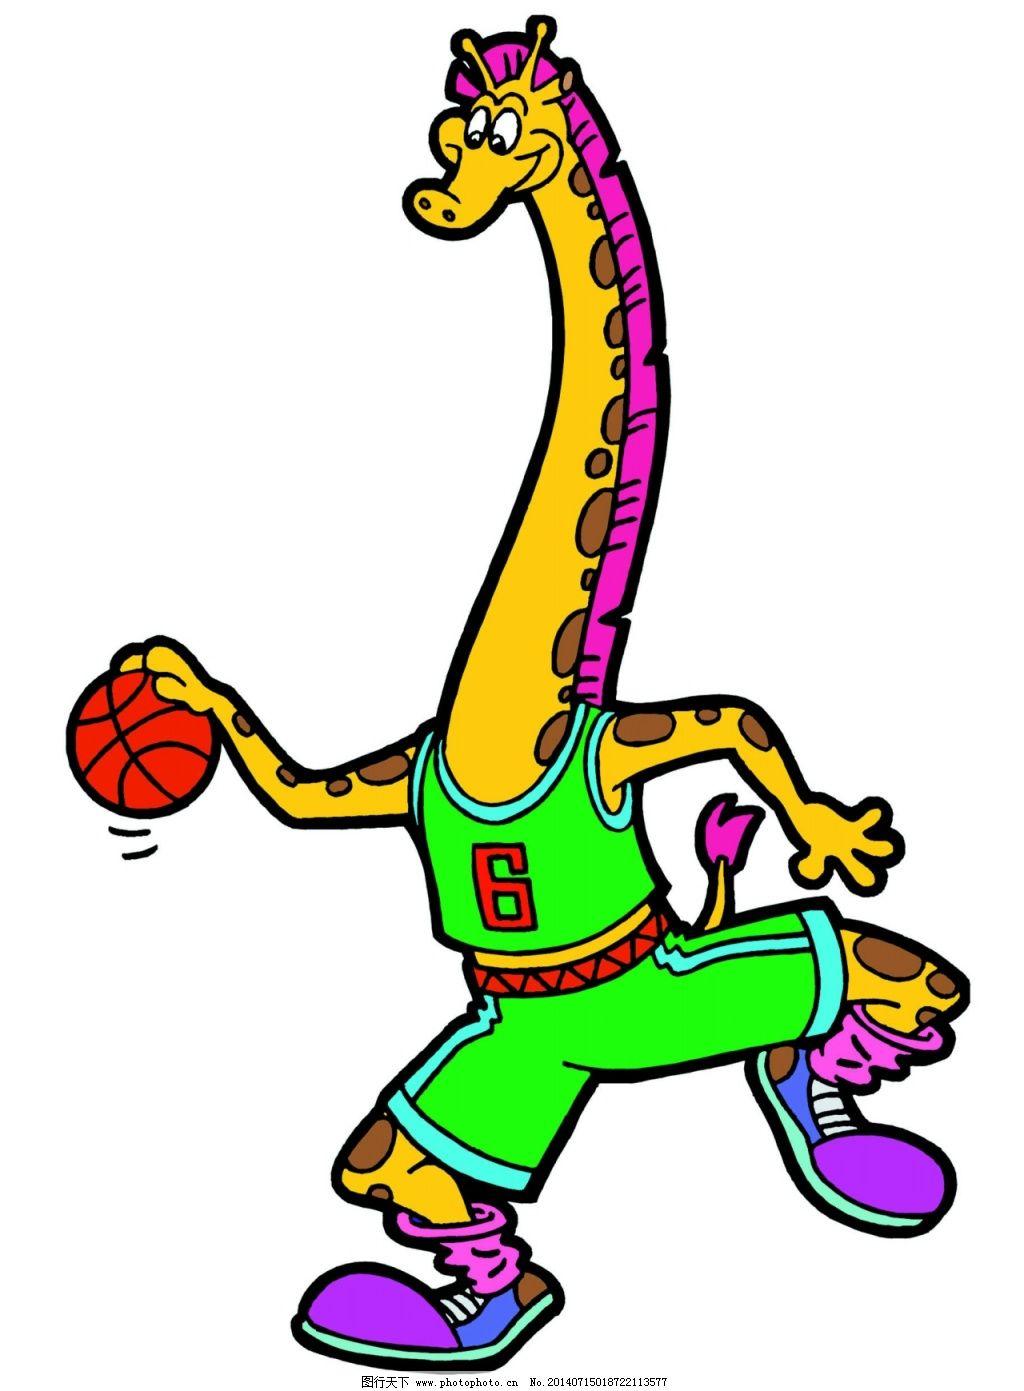 卡通小动物 长颈鹿打篮球图片 卡通小动物 长颈鹿打篮球卡通图画